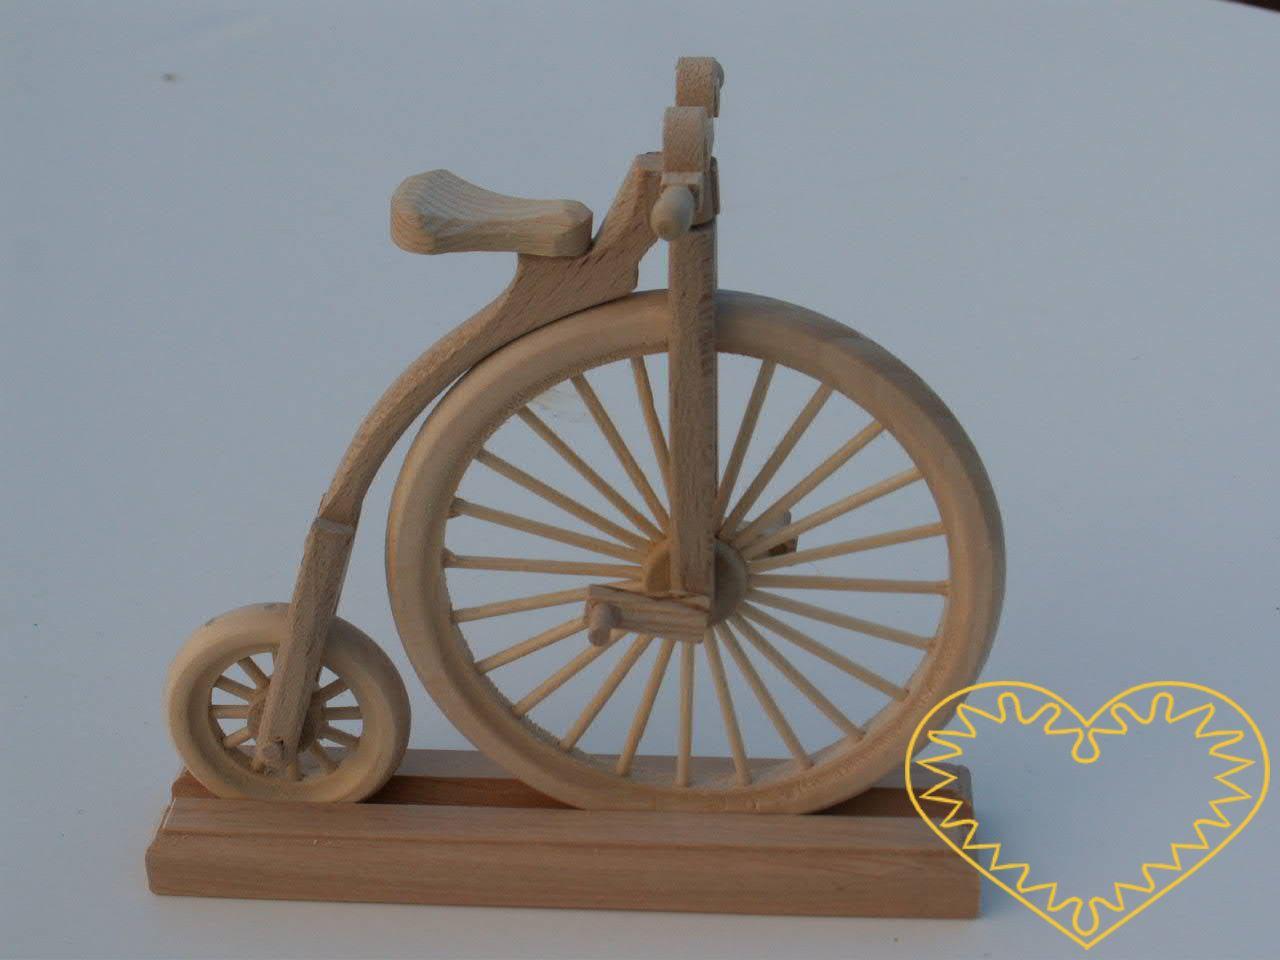 Dřevěný kostitřas - celodřevěný pojízdný model s drobnými detaily, krásně vypracovanými koly. Přední kolo a řídítka jsou otočná do stran, šlapky se otáčí kolem osy! Kolo lze vsunout do dřevěného stojánku. Kostitřas je pojízdný (pokud jej vedete rukou